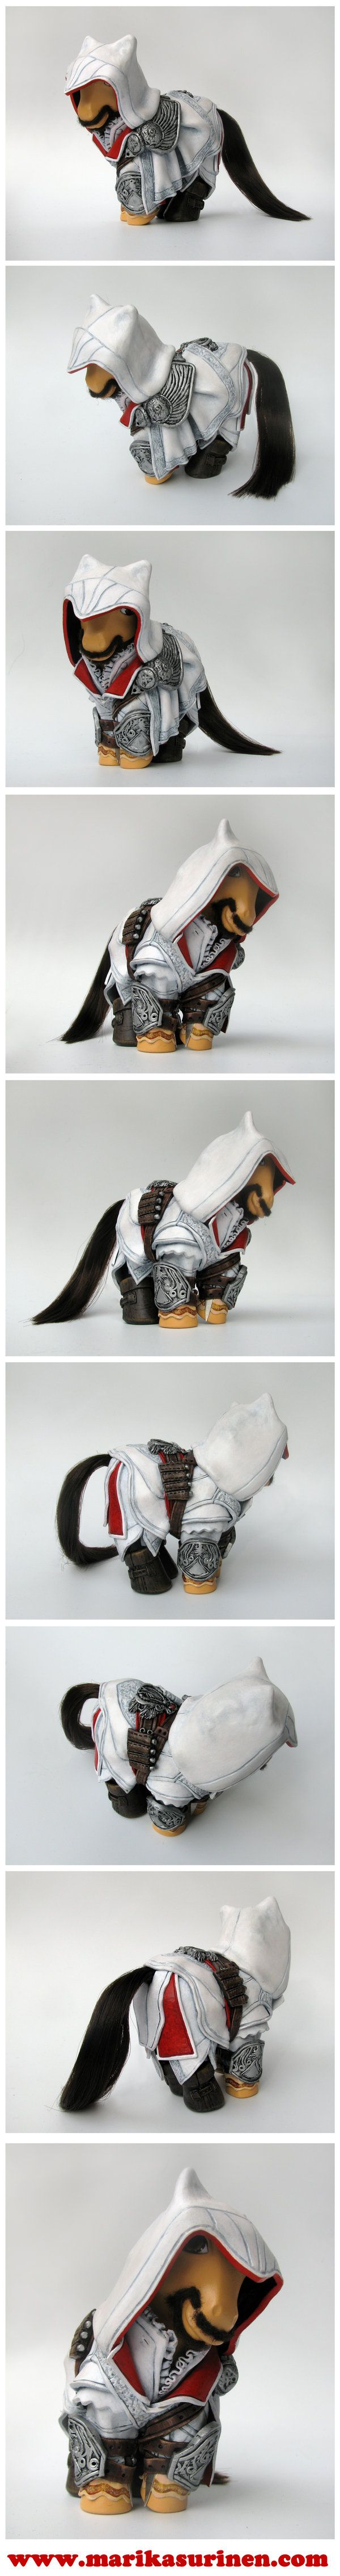 My Lil Ezio